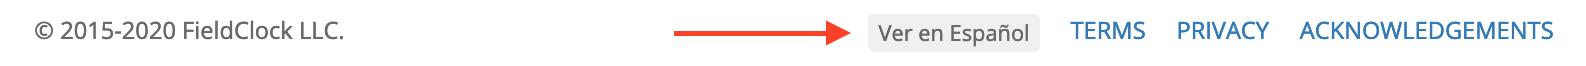 Site Language Button